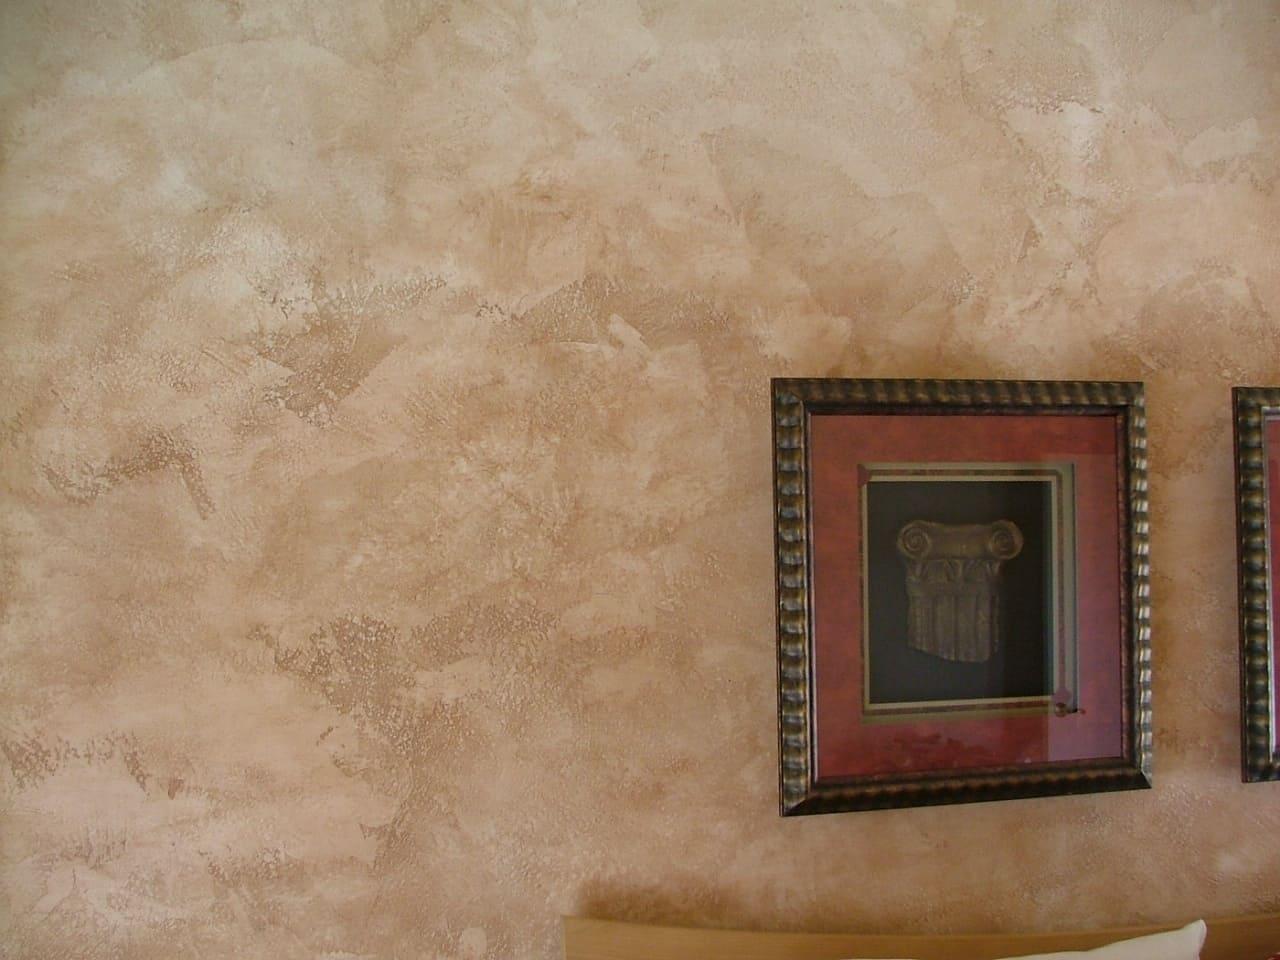 Декоративная штукатурка - лучшие красивые варианты отделки стен в интерьере 100